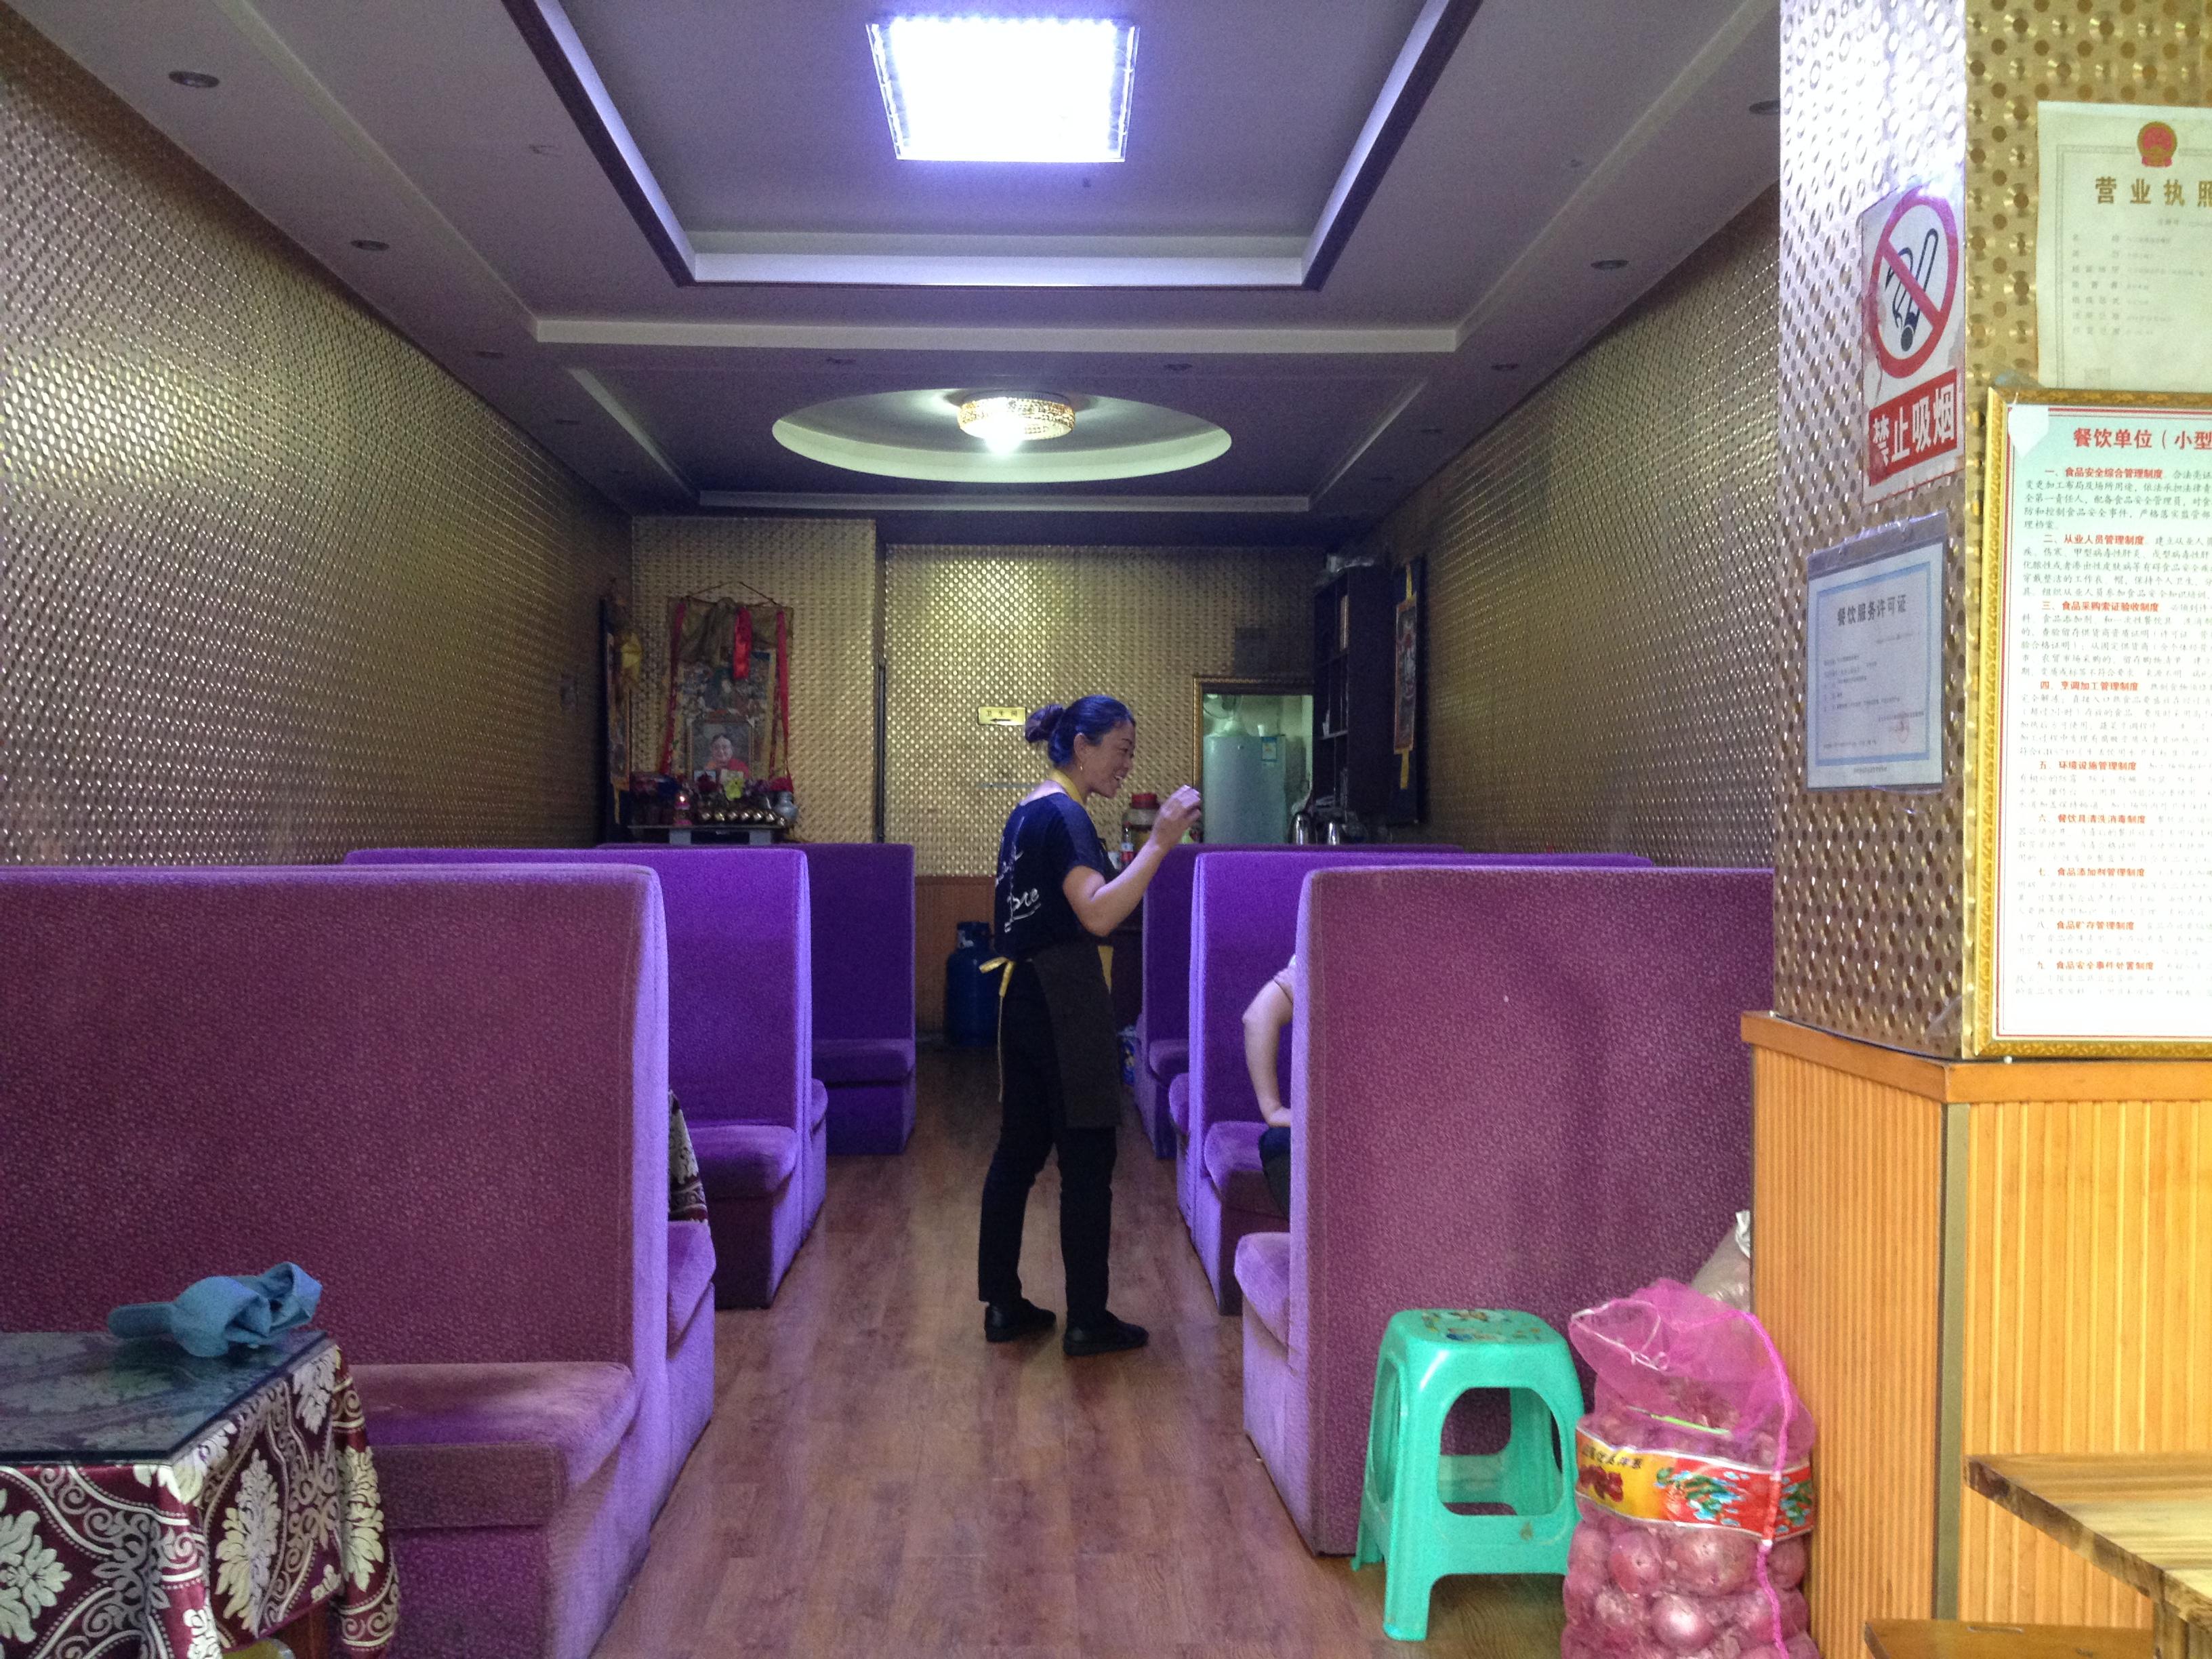 Inside the Zang Yuan Qing Tibetan Restaurant